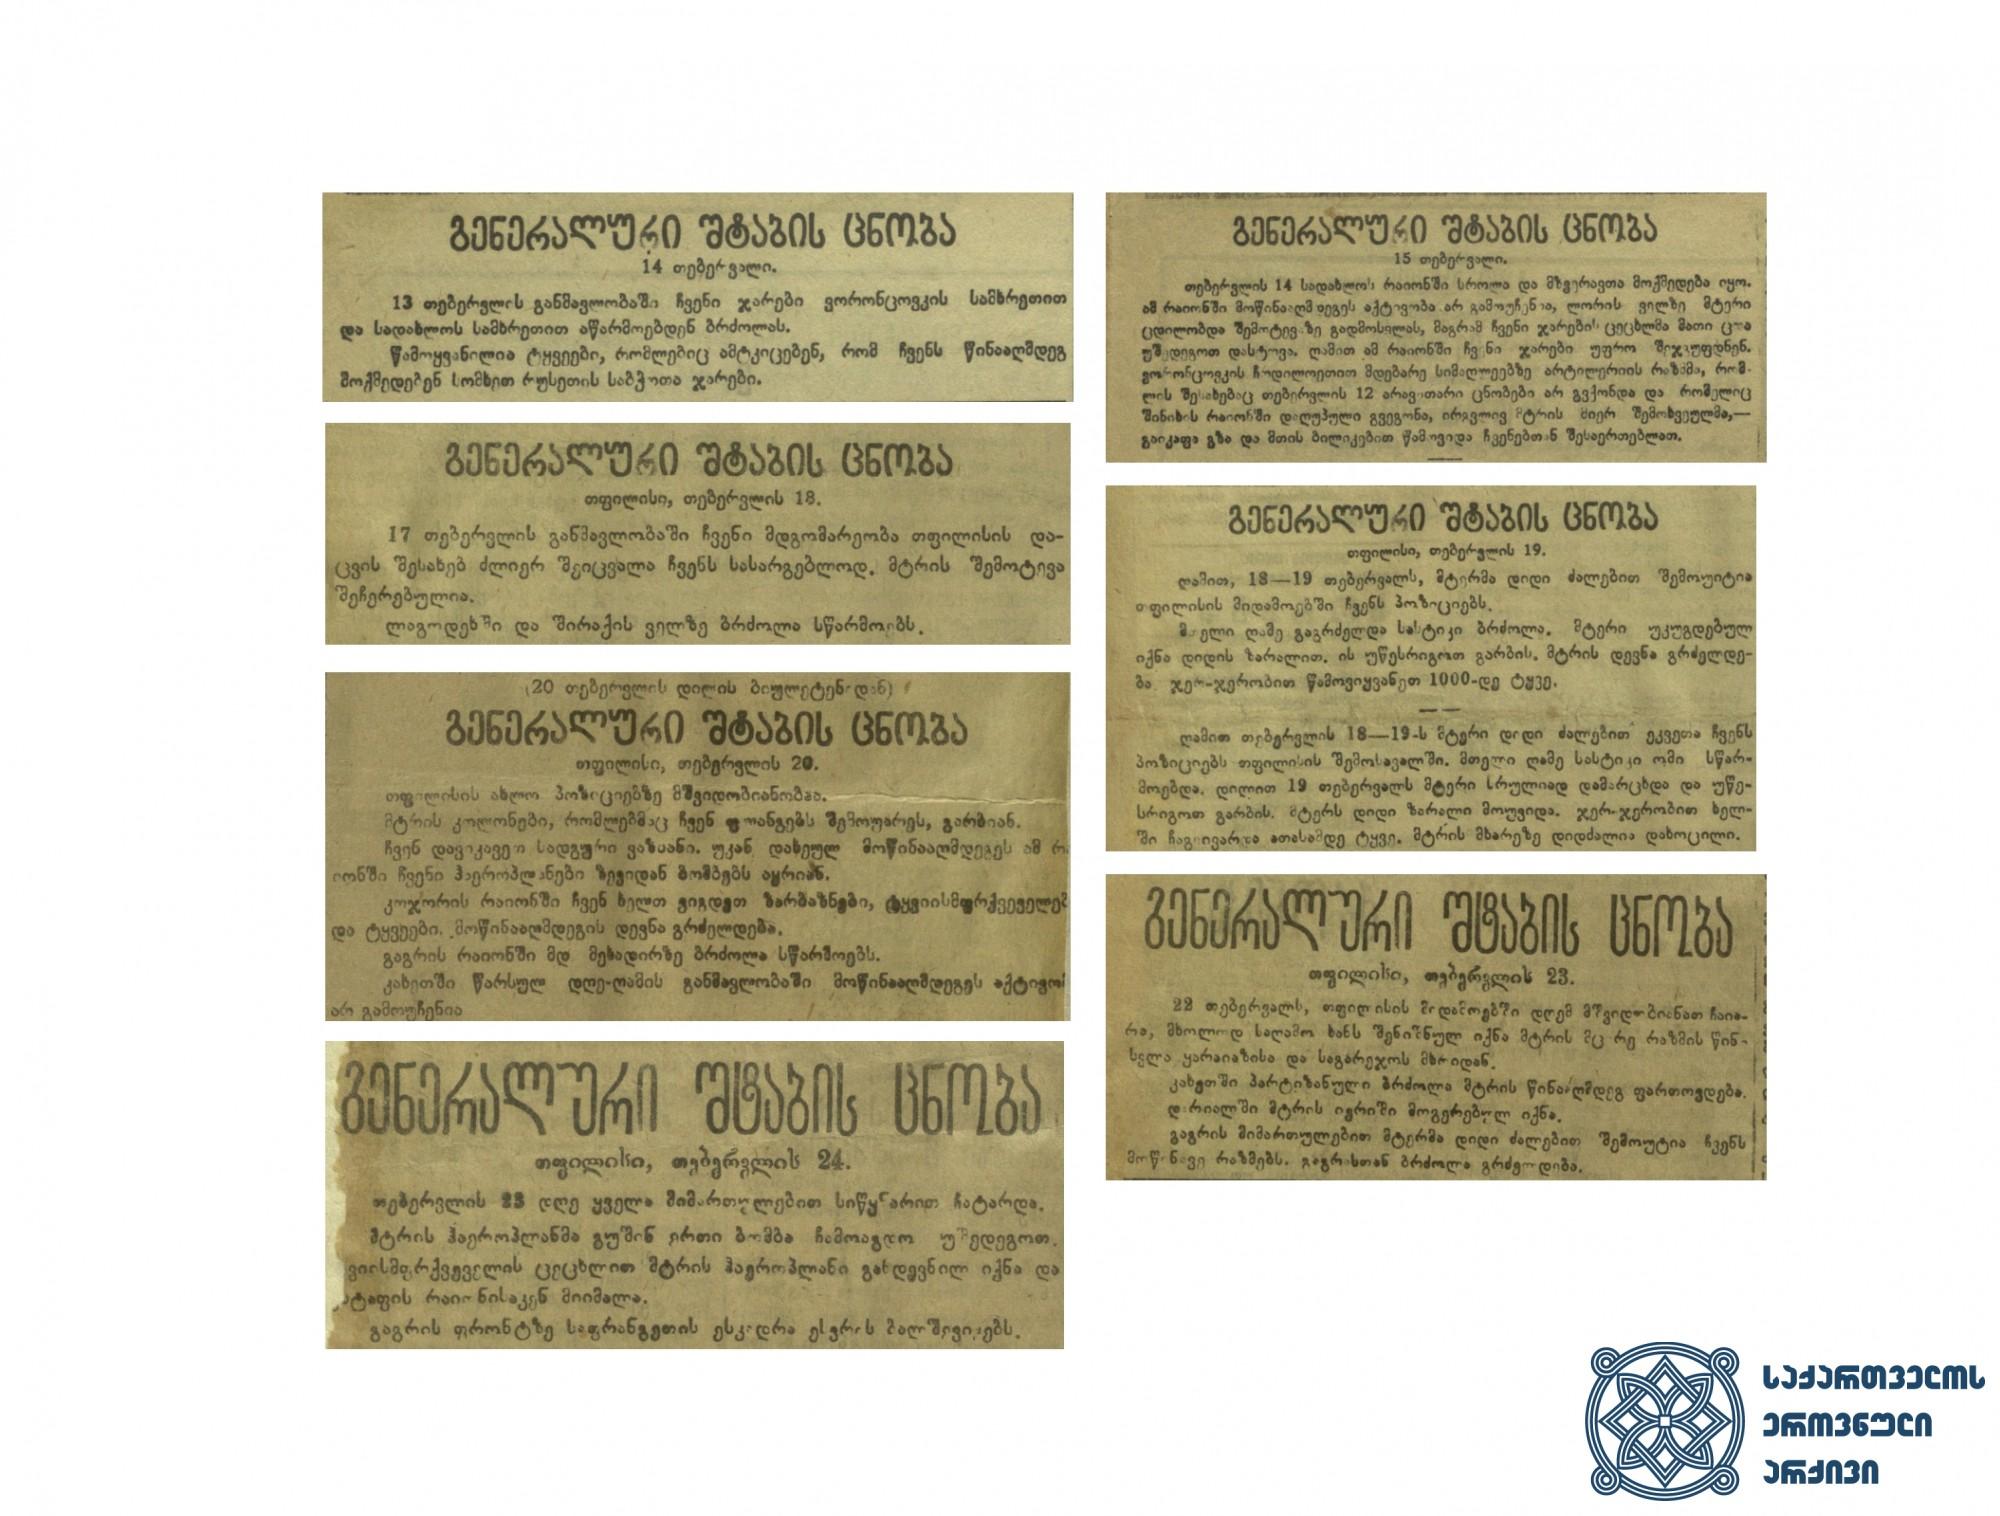 ქართულ პრესაში გამოქვეყნებული გენერალური შტაბის ცნობები ომის მიმდინარეობის შესახებ. <br> 1921 წლის თებერვალი. <br> Information of the General Staff published in the Georgian press about the course of the war. <br> February 1921. <br>